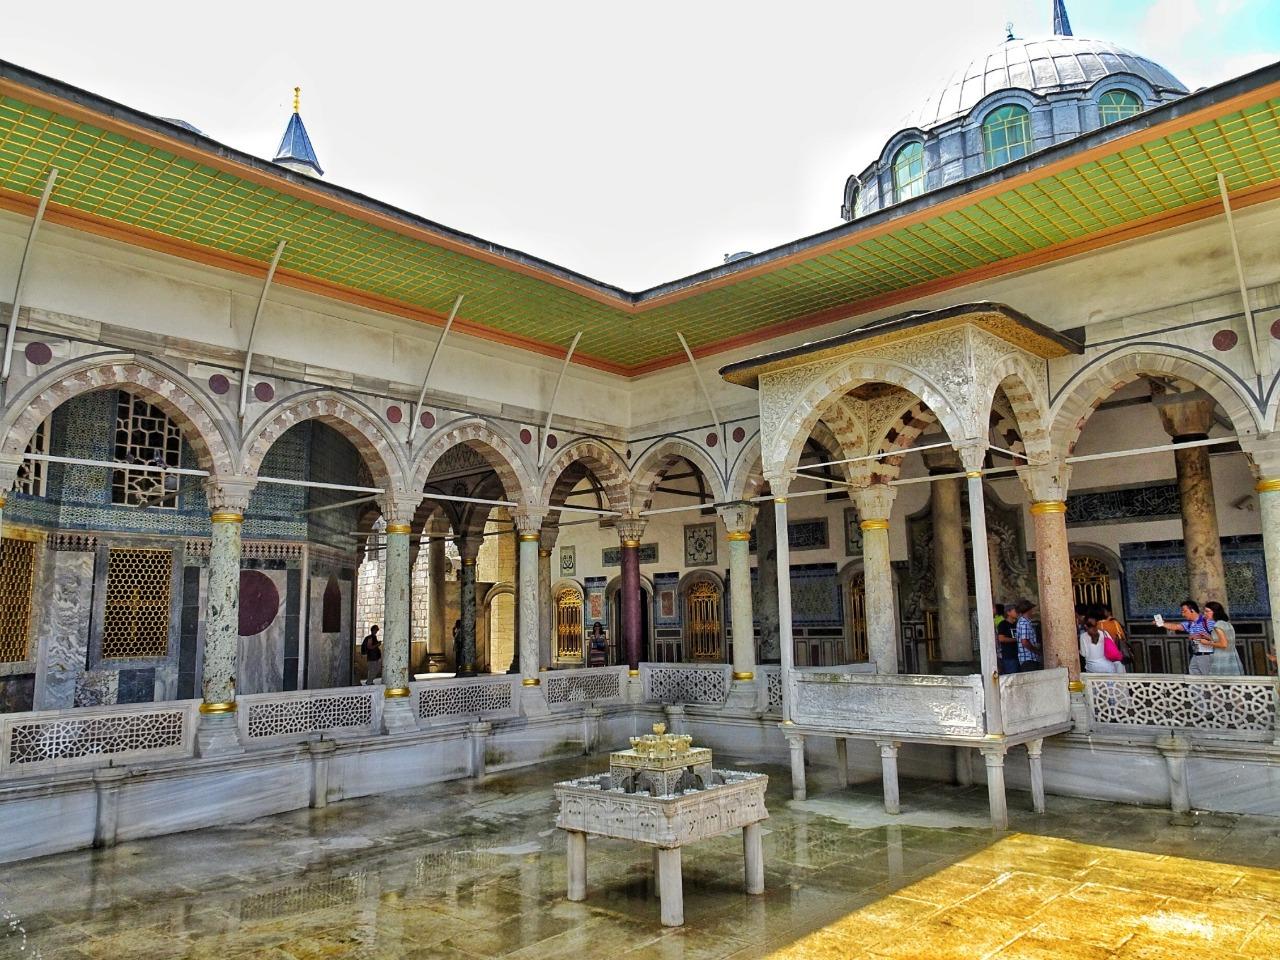 Стамбул: дворцы и красоты Босфора - групповая экскурсия в Стамбуле от опытного гида